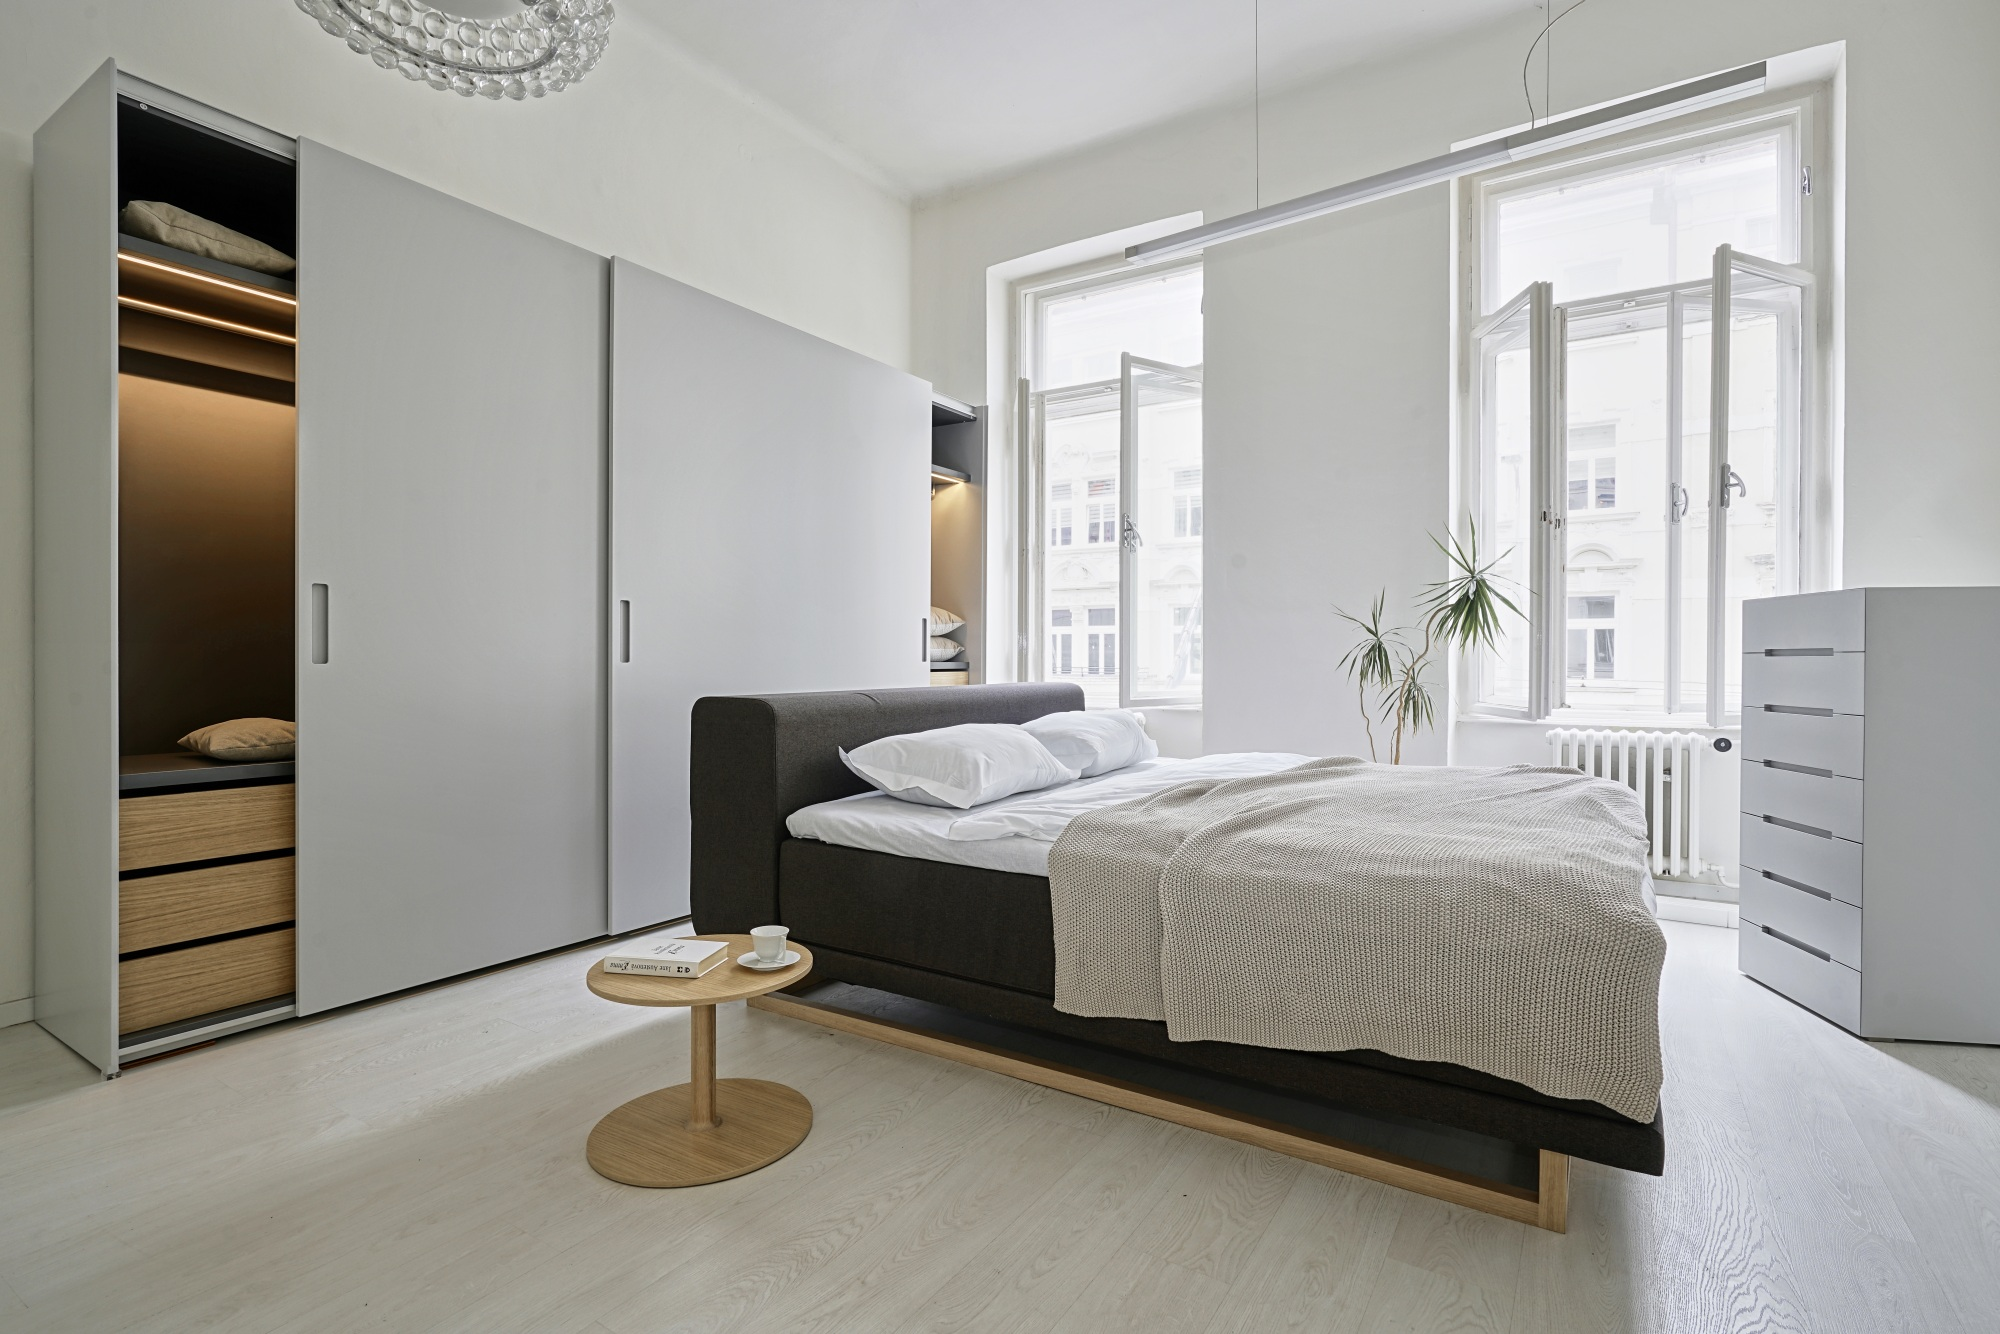 Ivan Čobej z Briku: Interiéry sú menej zaplnené nábytkom ako kedysi